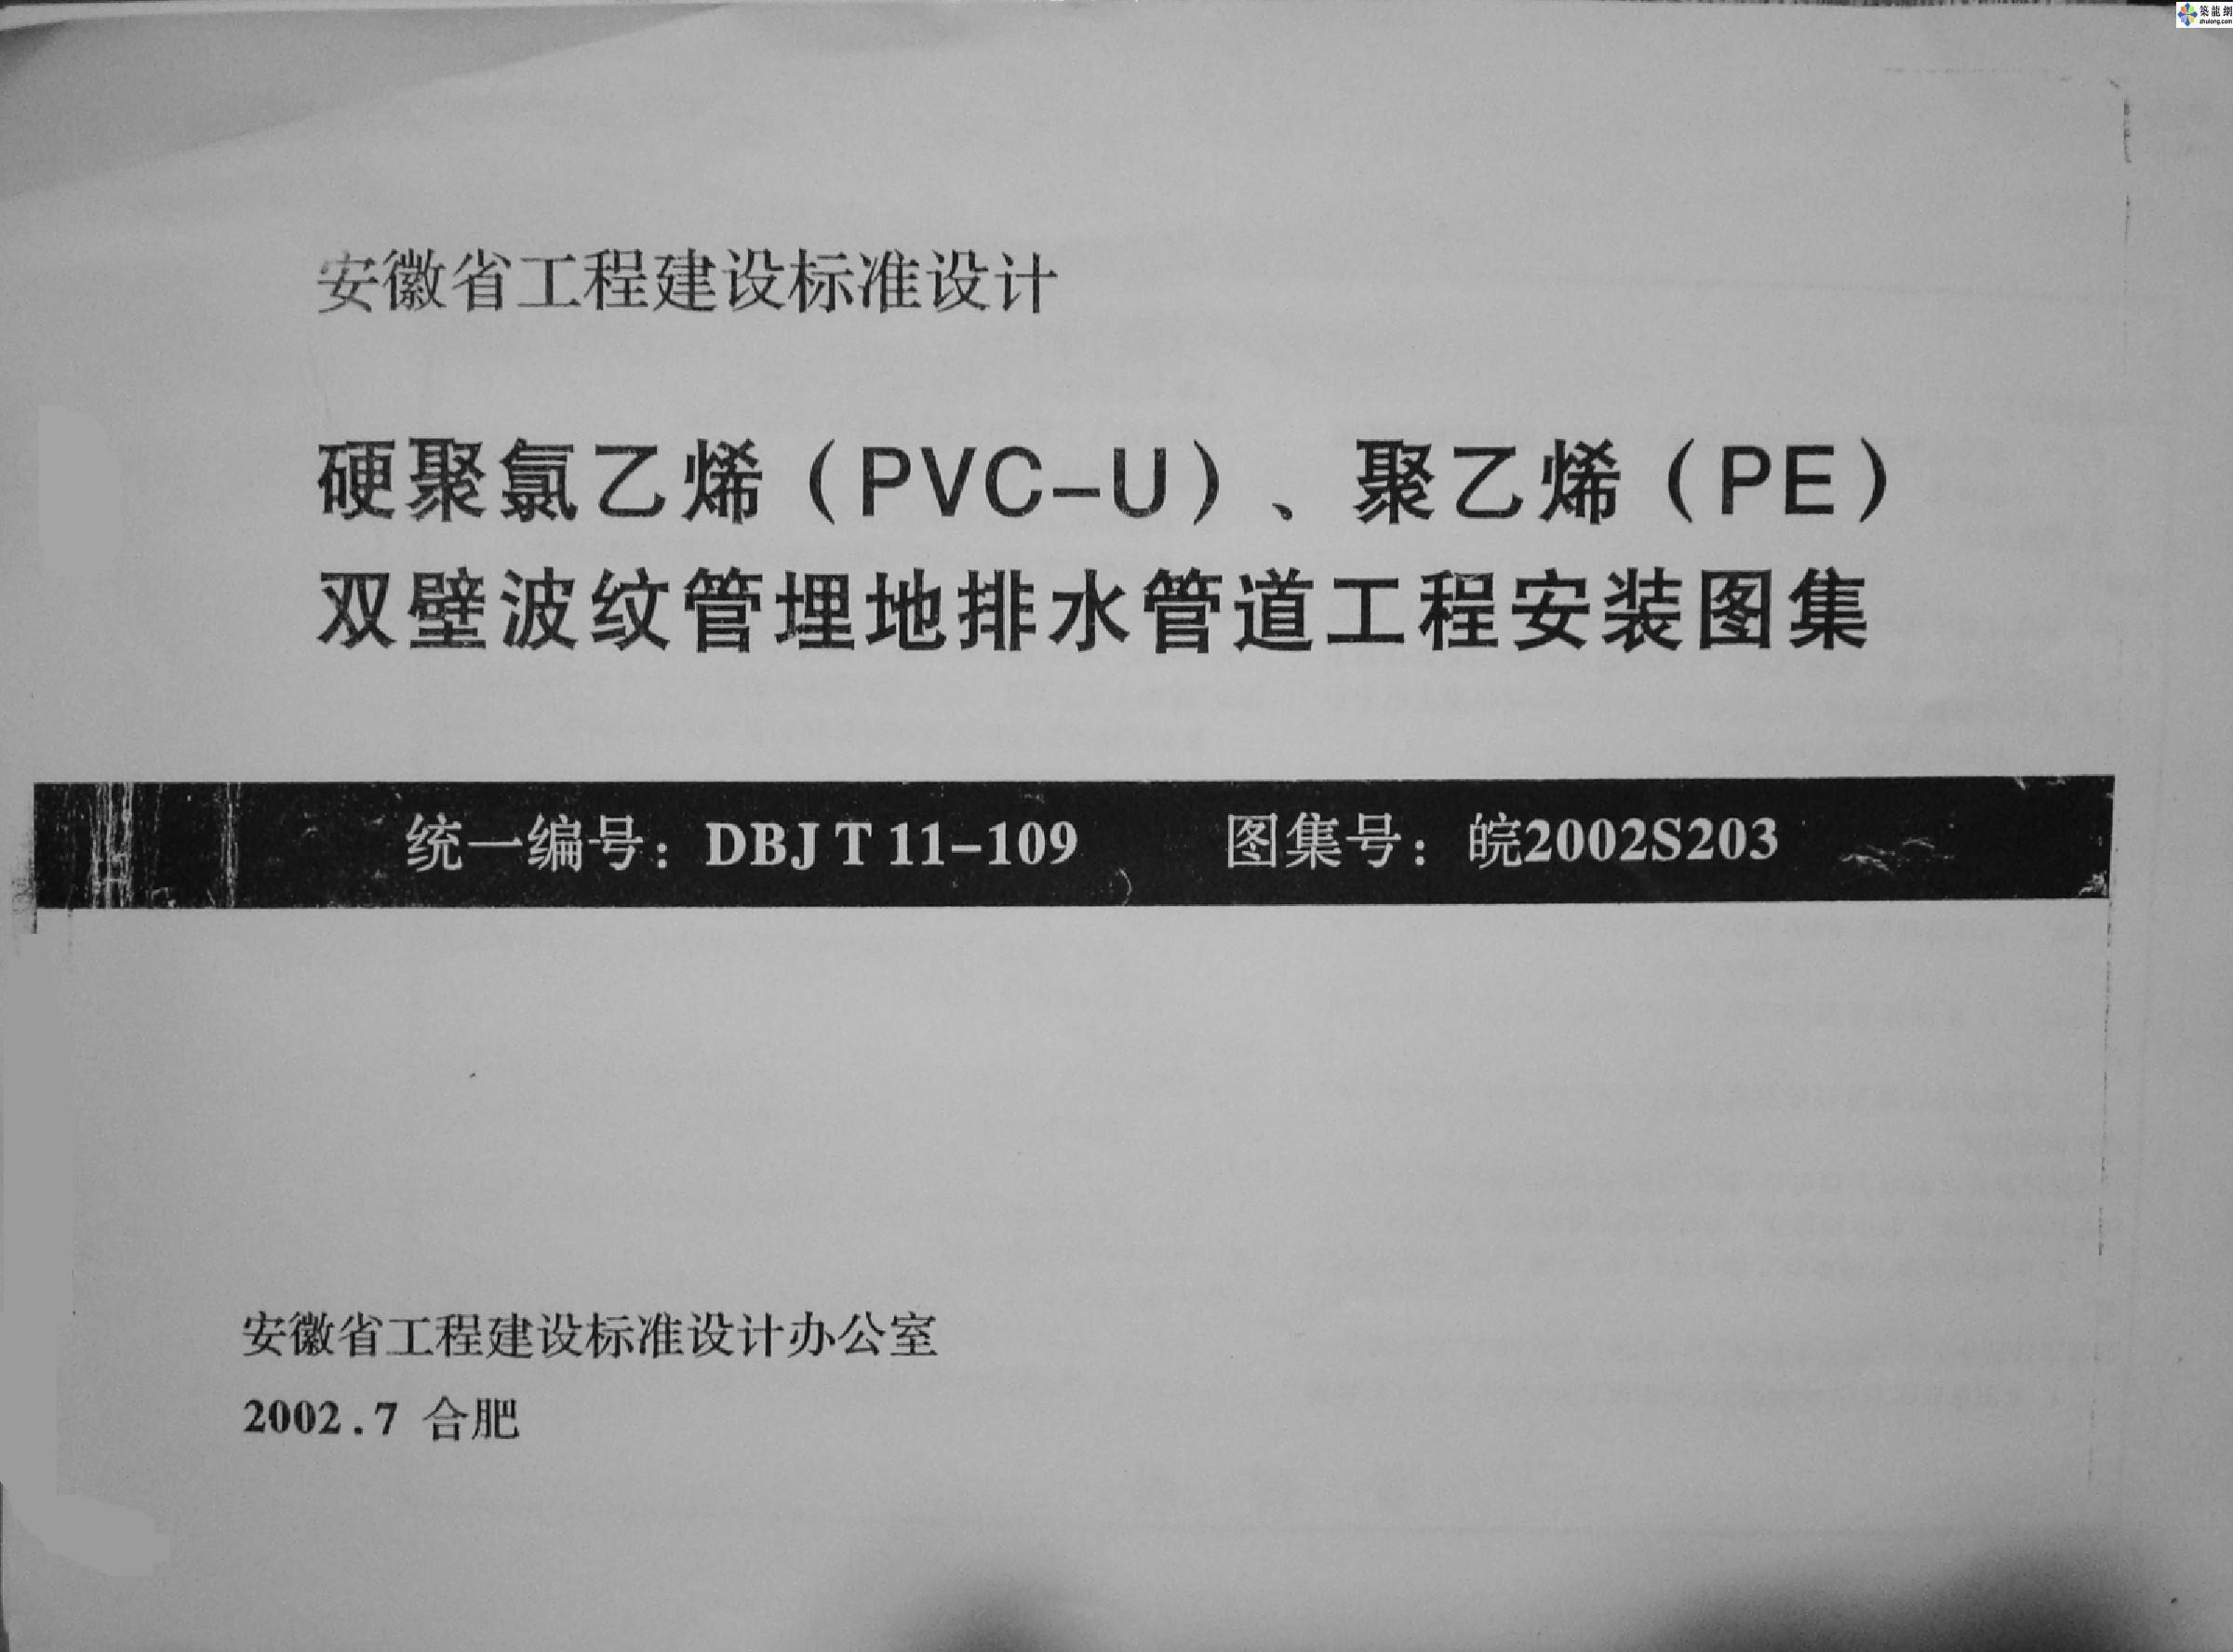 皖2002S203 硬聚氯乙烯(PVC-U)、聚乙烯(PE)双壁波纹管埋地排水管道工程安装图集